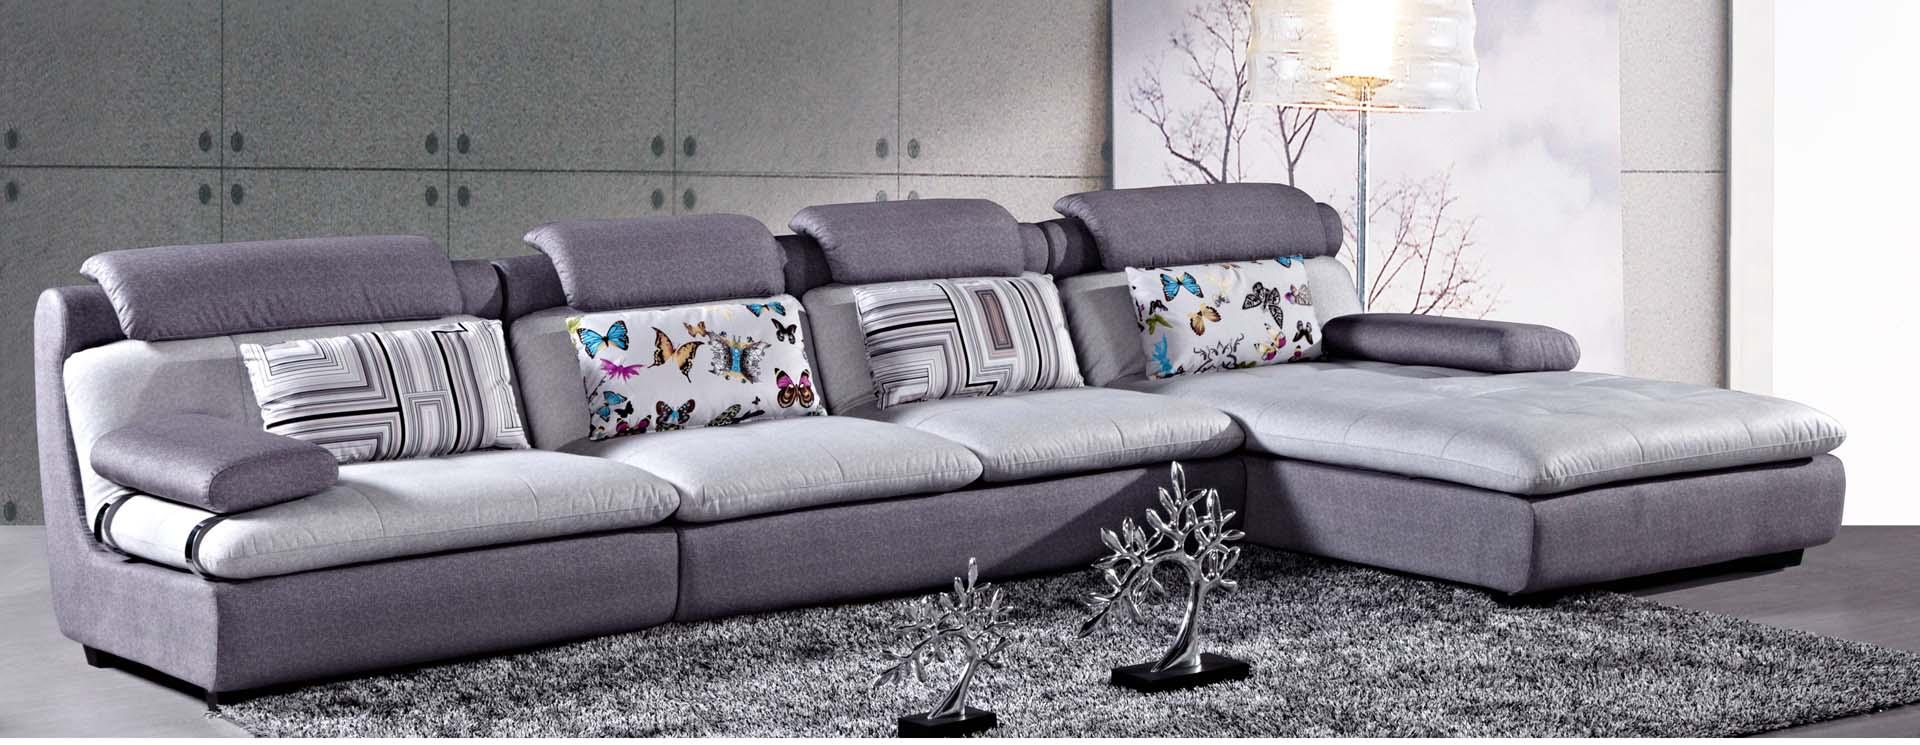 名称:沙发E-605#G<br/> 市场价:<font style='color:#999;text-decoration:line-through;'>¥0</font><br />全国统一零售价:<font color='Red'>¥0.0</font>